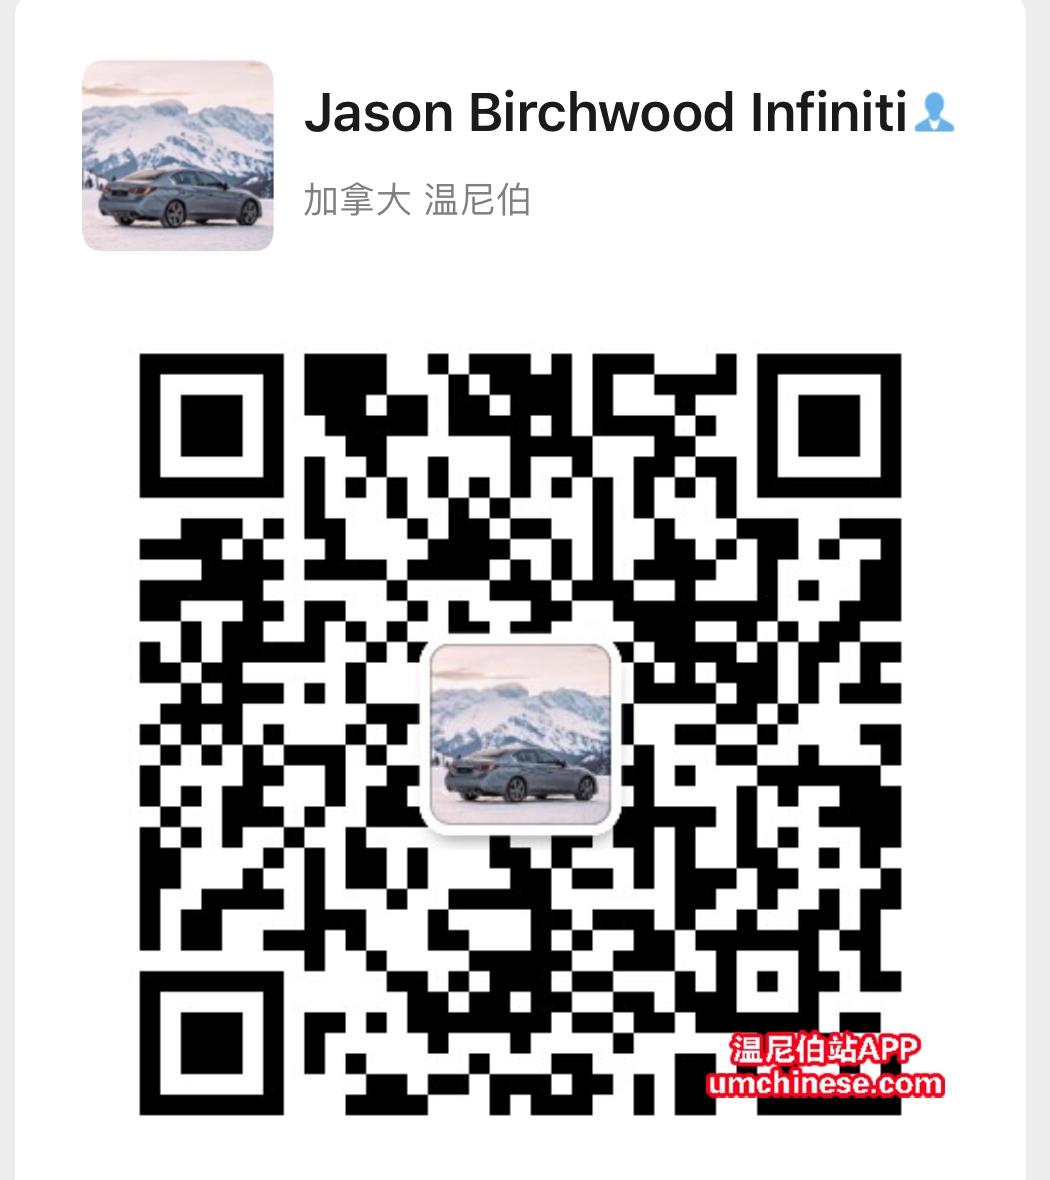 wechat image_20200118130400.jpg